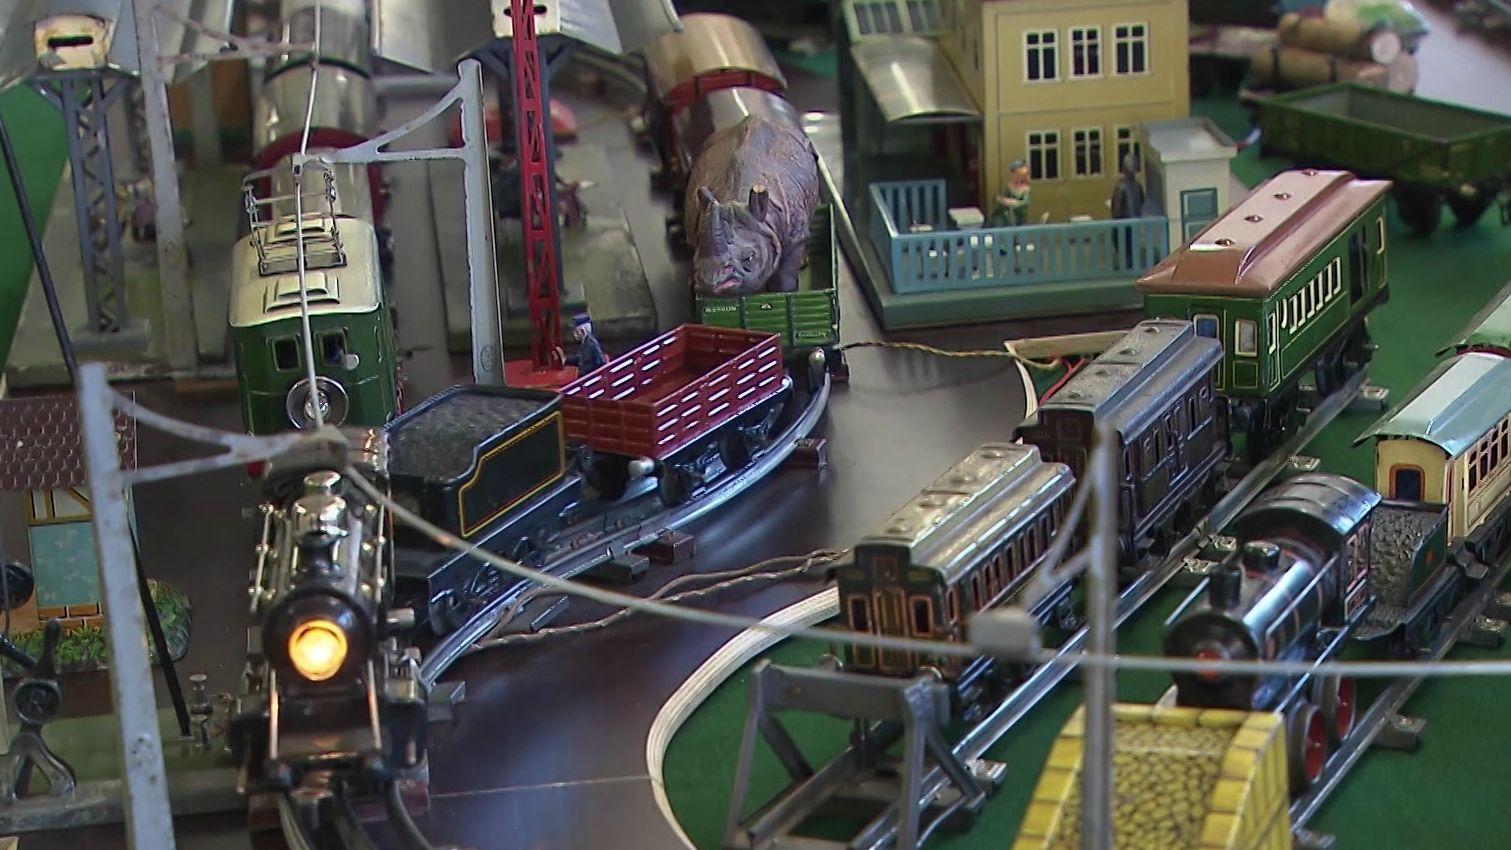 Die fränkische Blechspielzeug-Tradition ist an diesem Wochenende im Industriemuseum Lauf zu sehen.